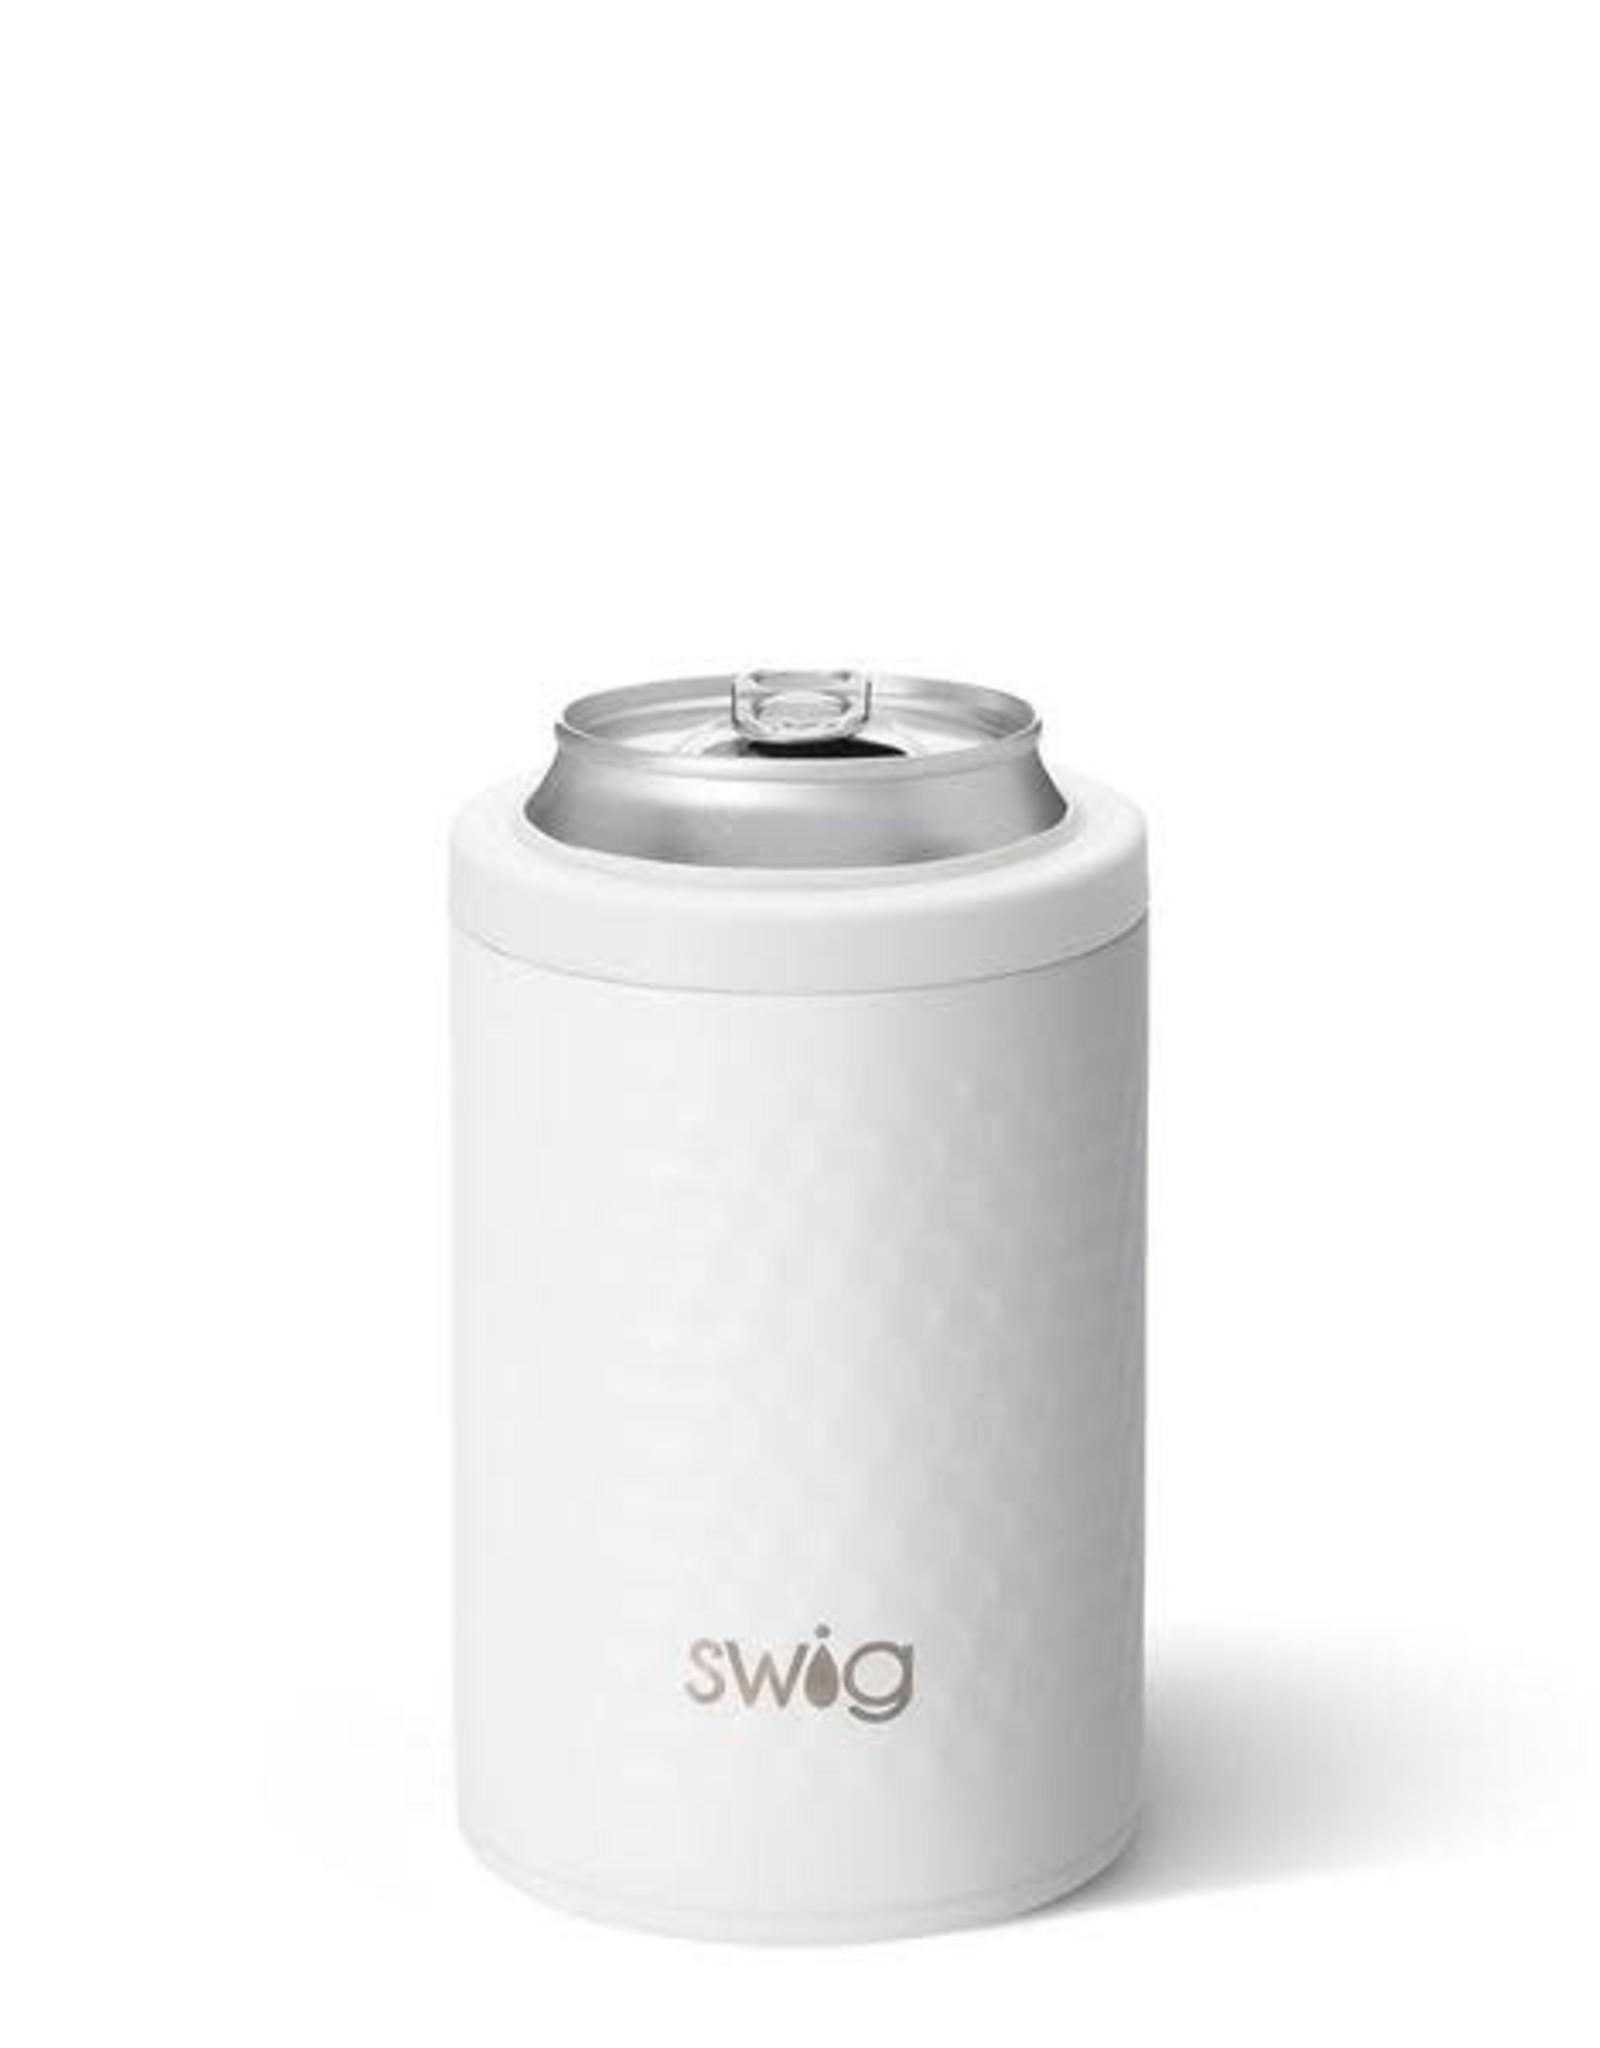 SWIG SWIG- Can Cooler (Golf Partee)